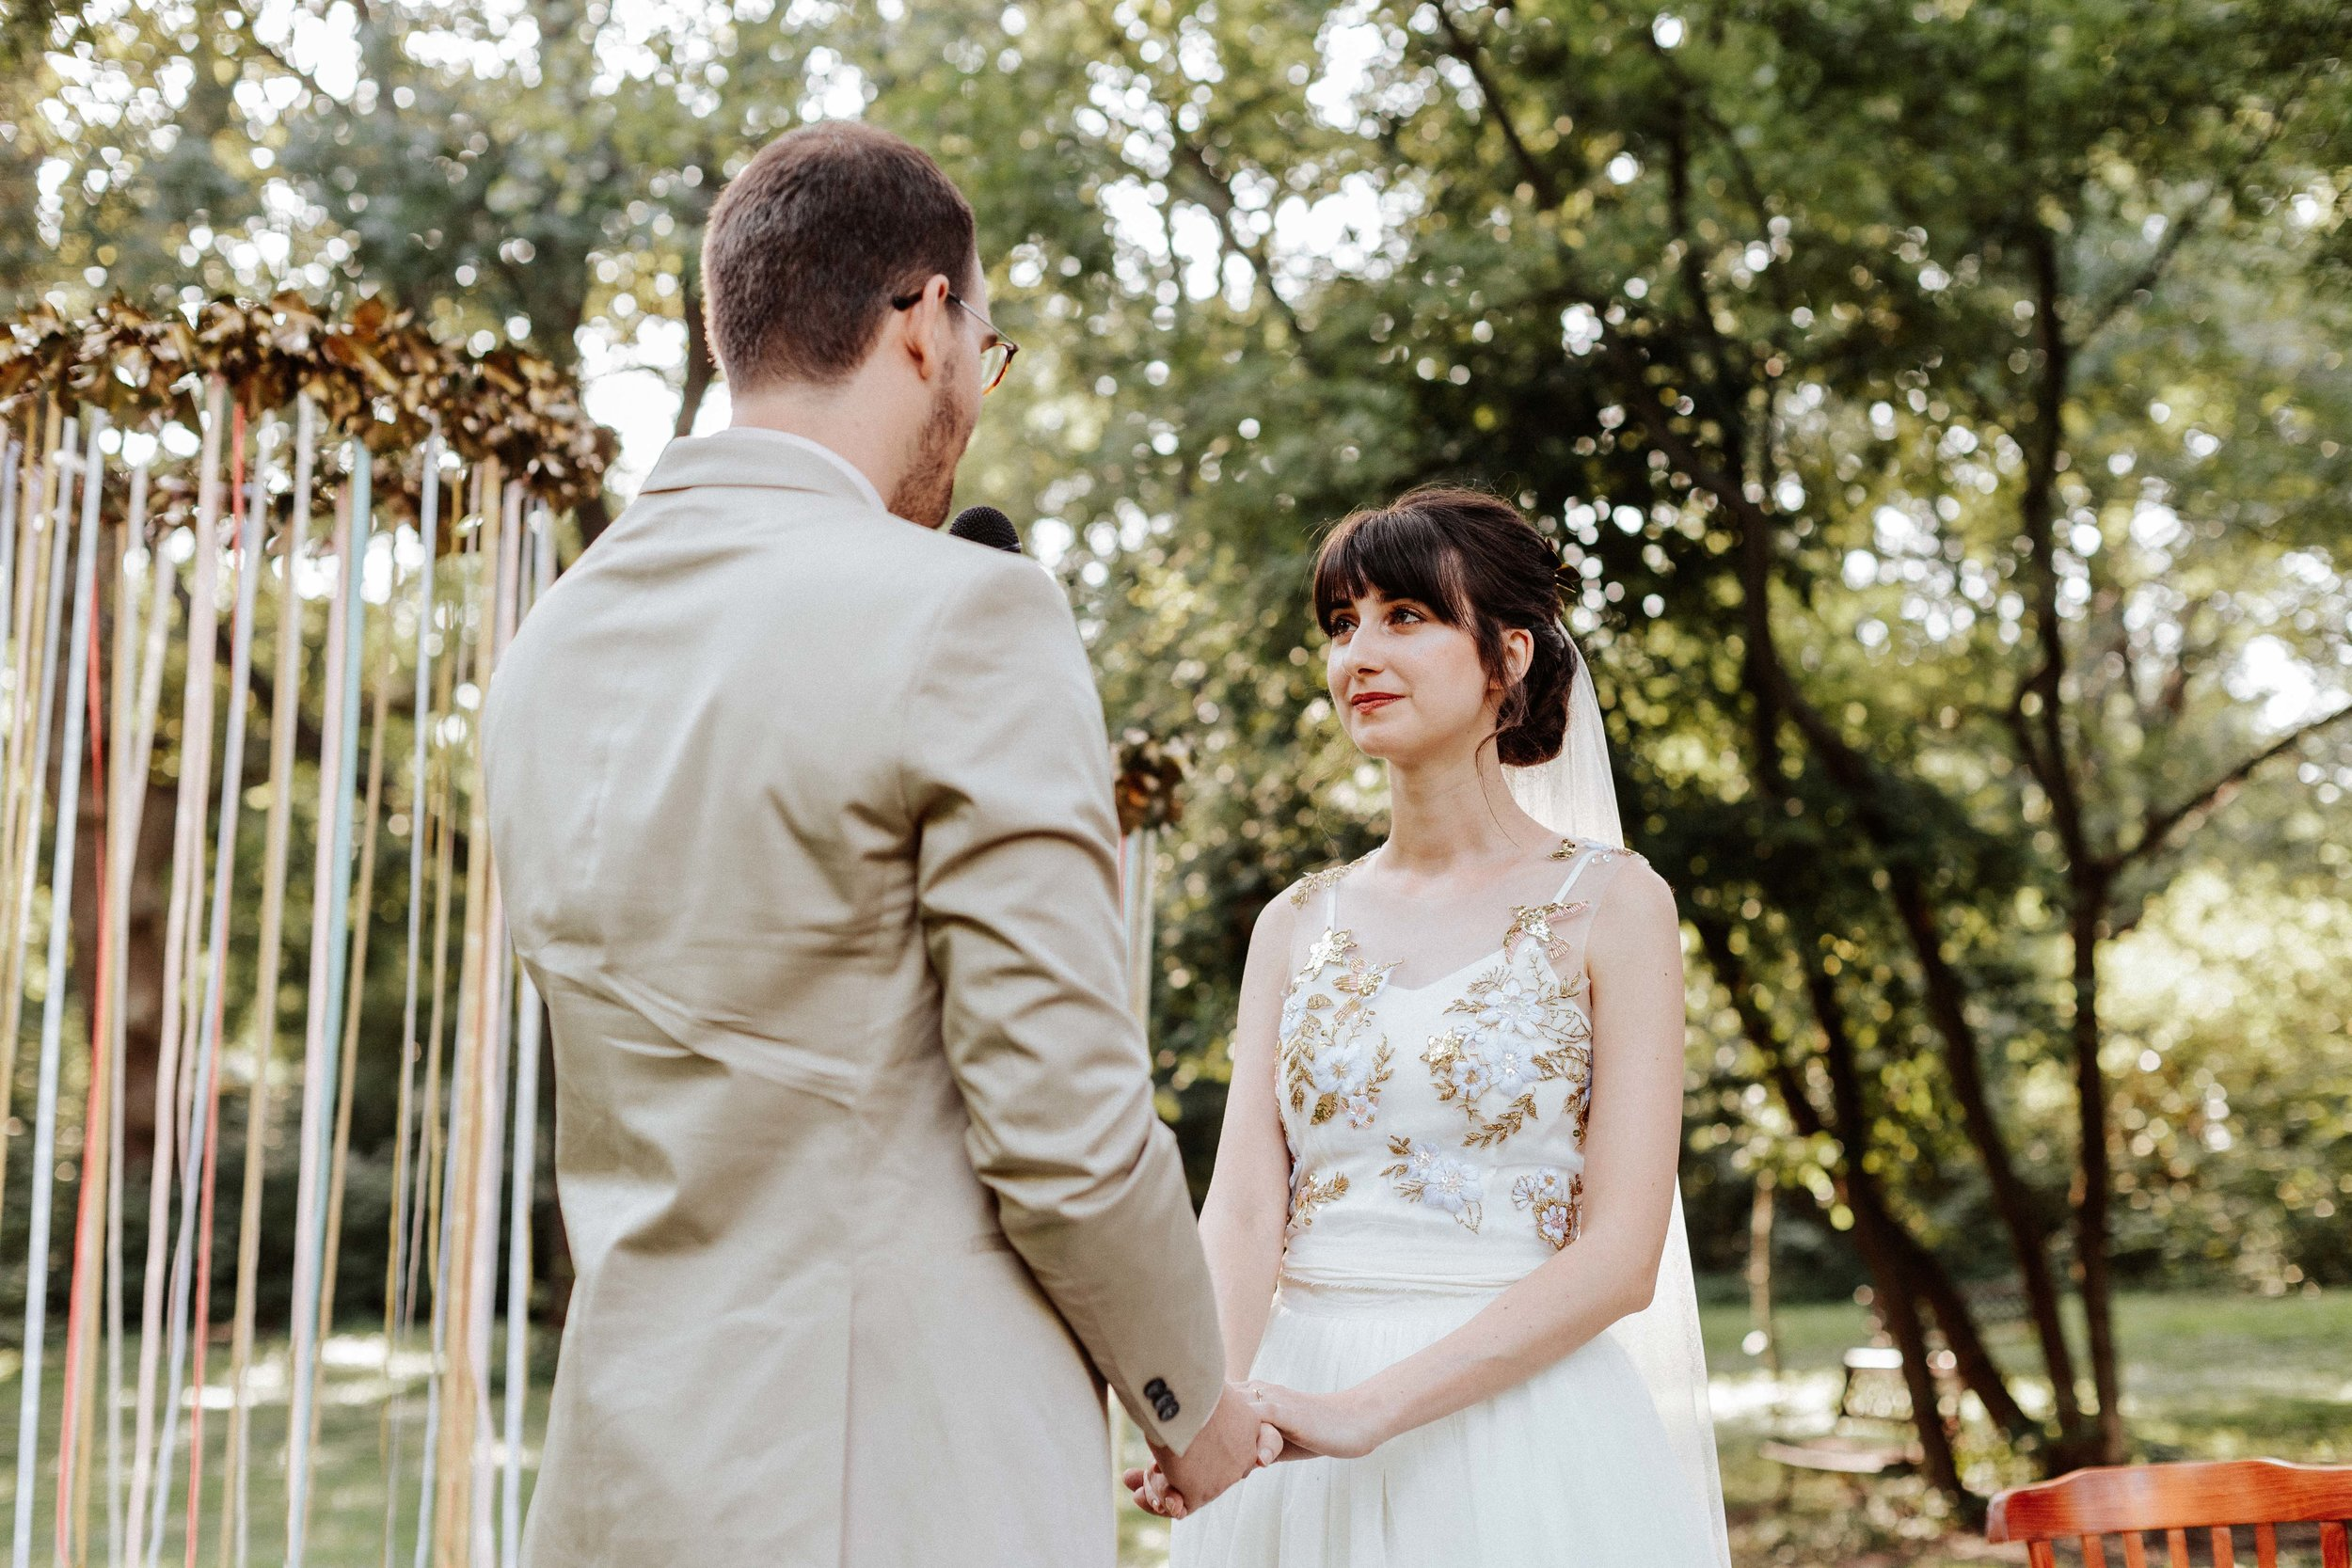 20170826_Rebi+Dani_wedding_w_248__MG_9980_1.jpg